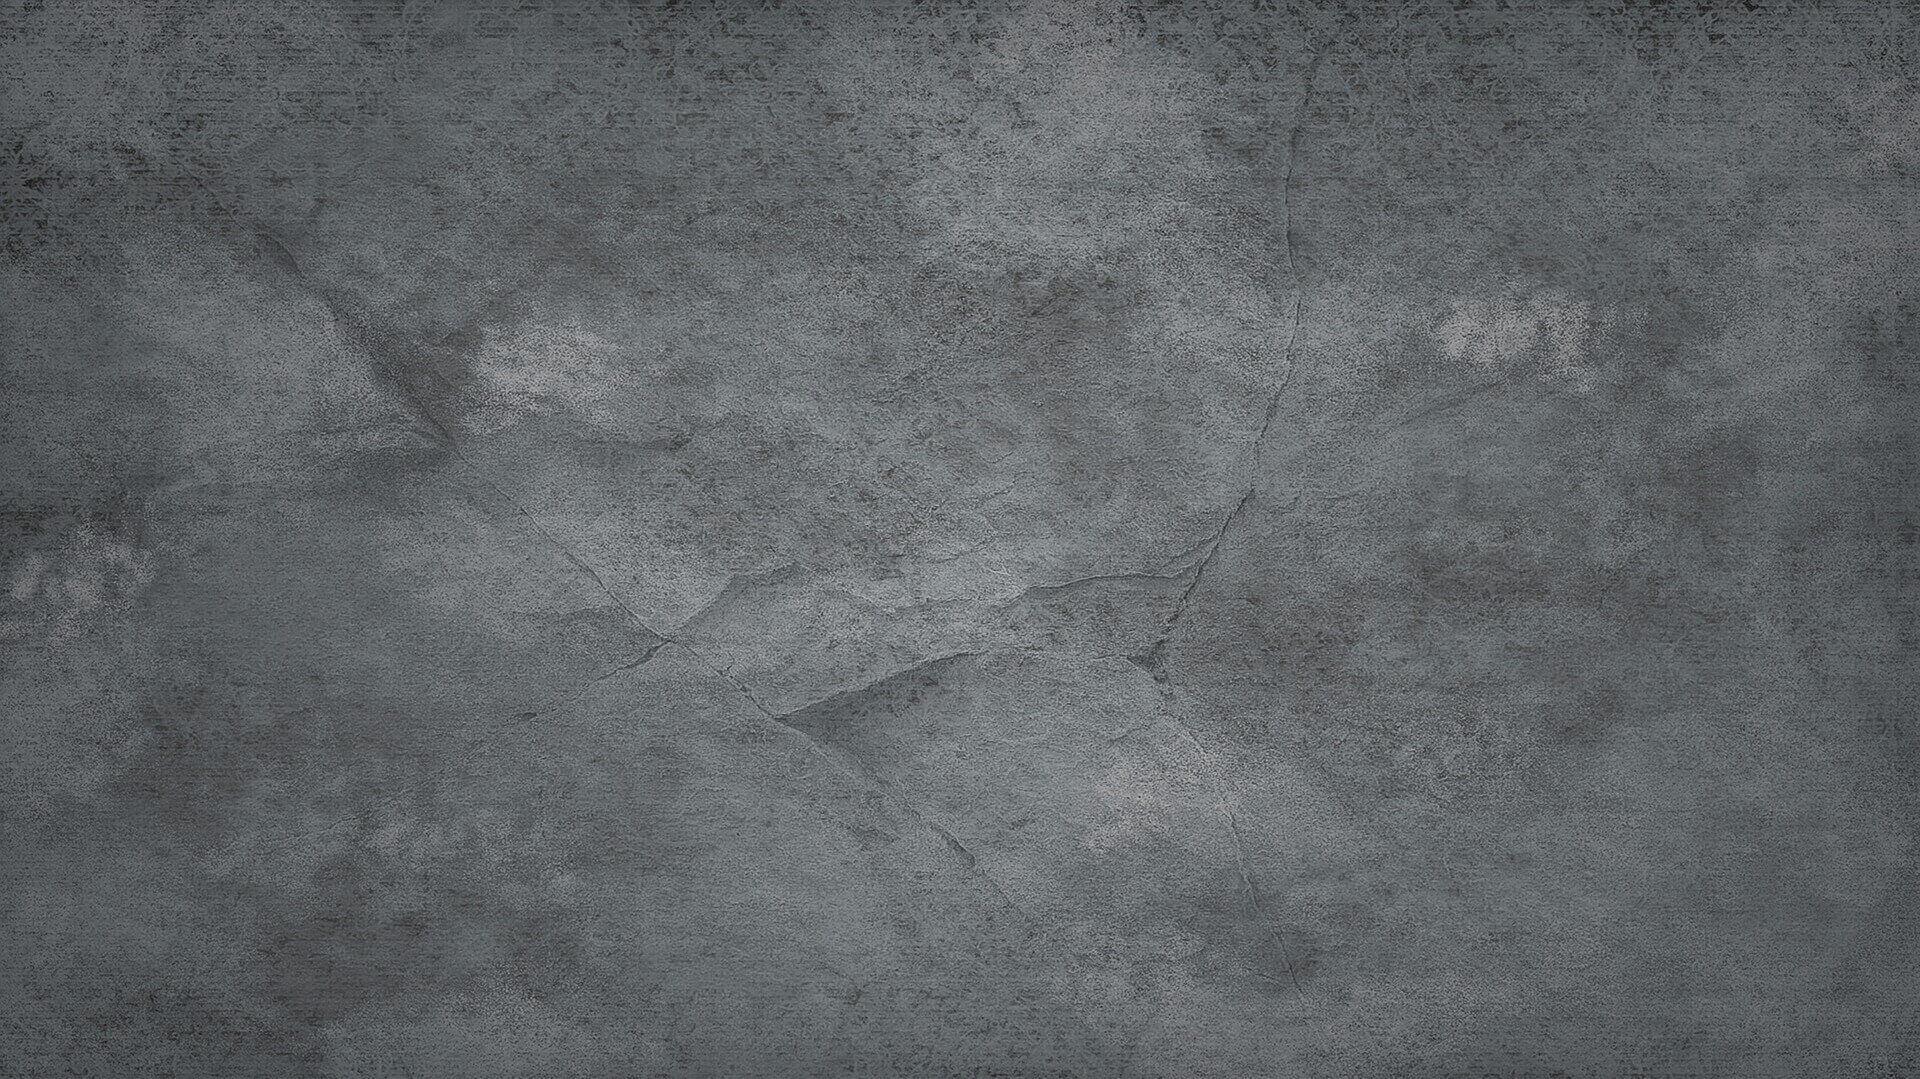 texture-1893783_1920